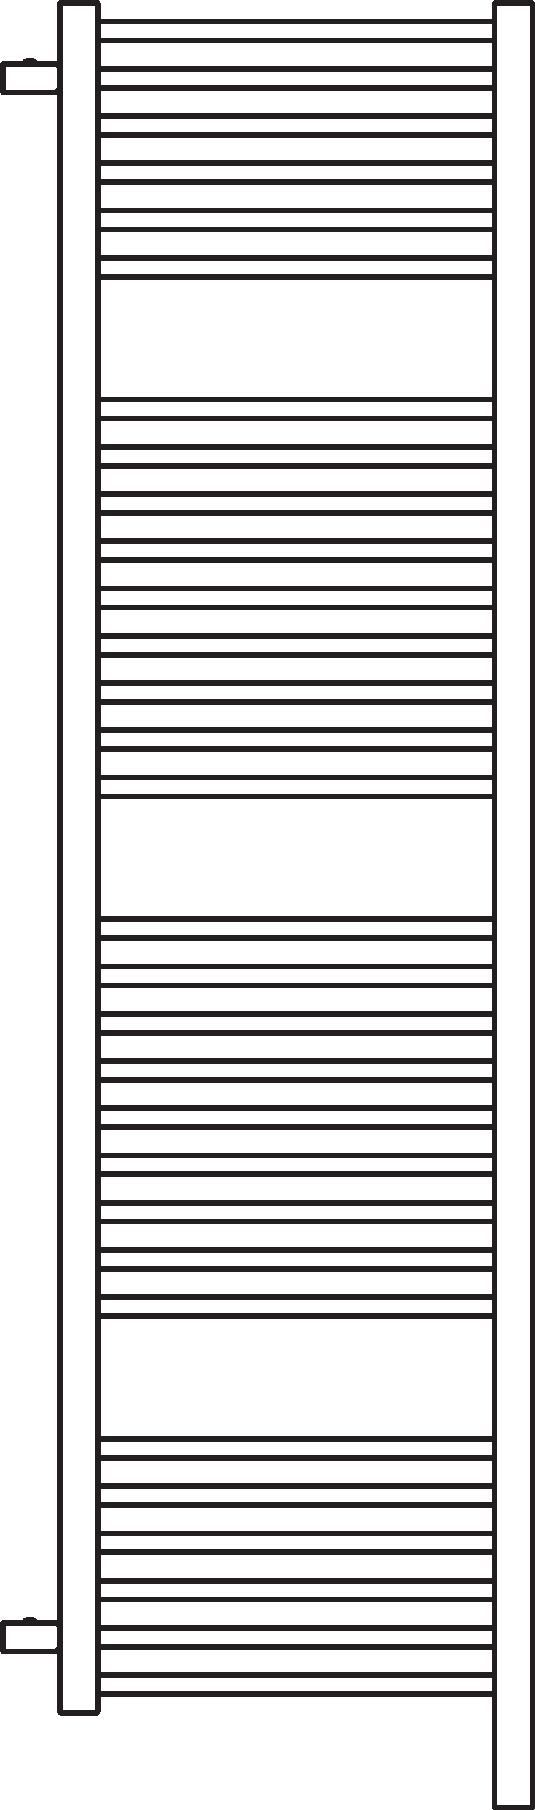 size: 1910x500